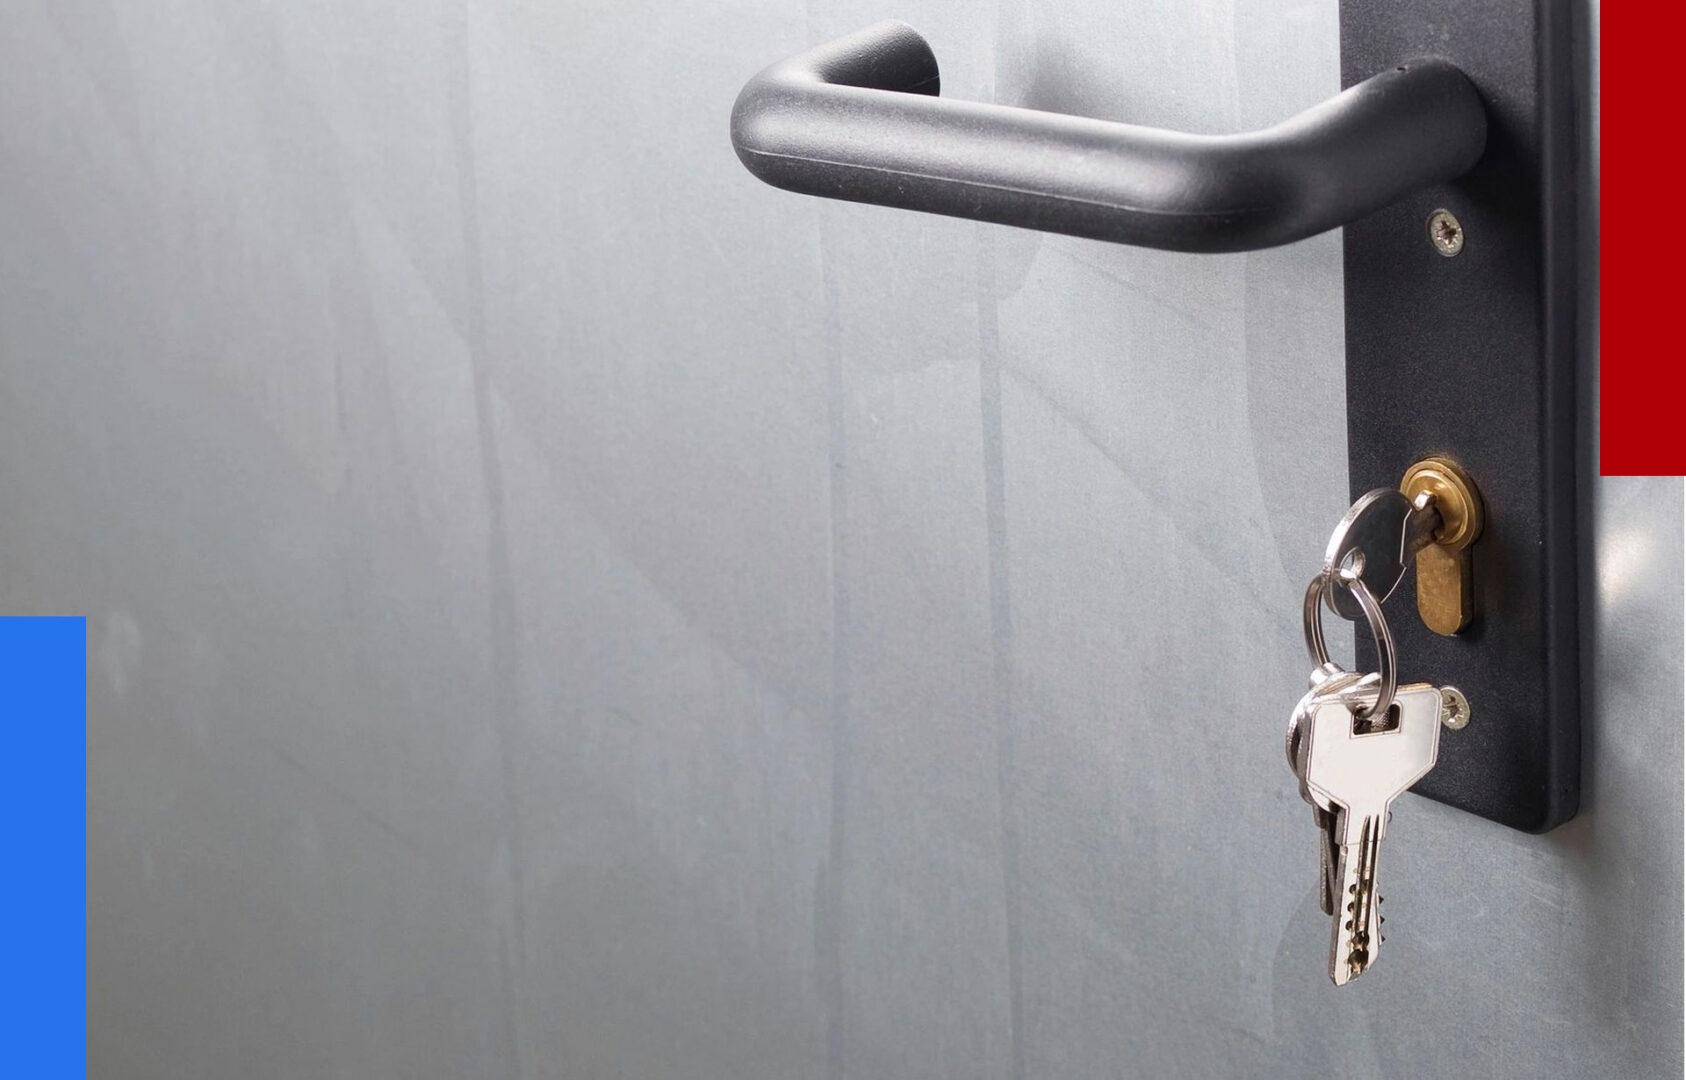 Coles Mobile Lock Service